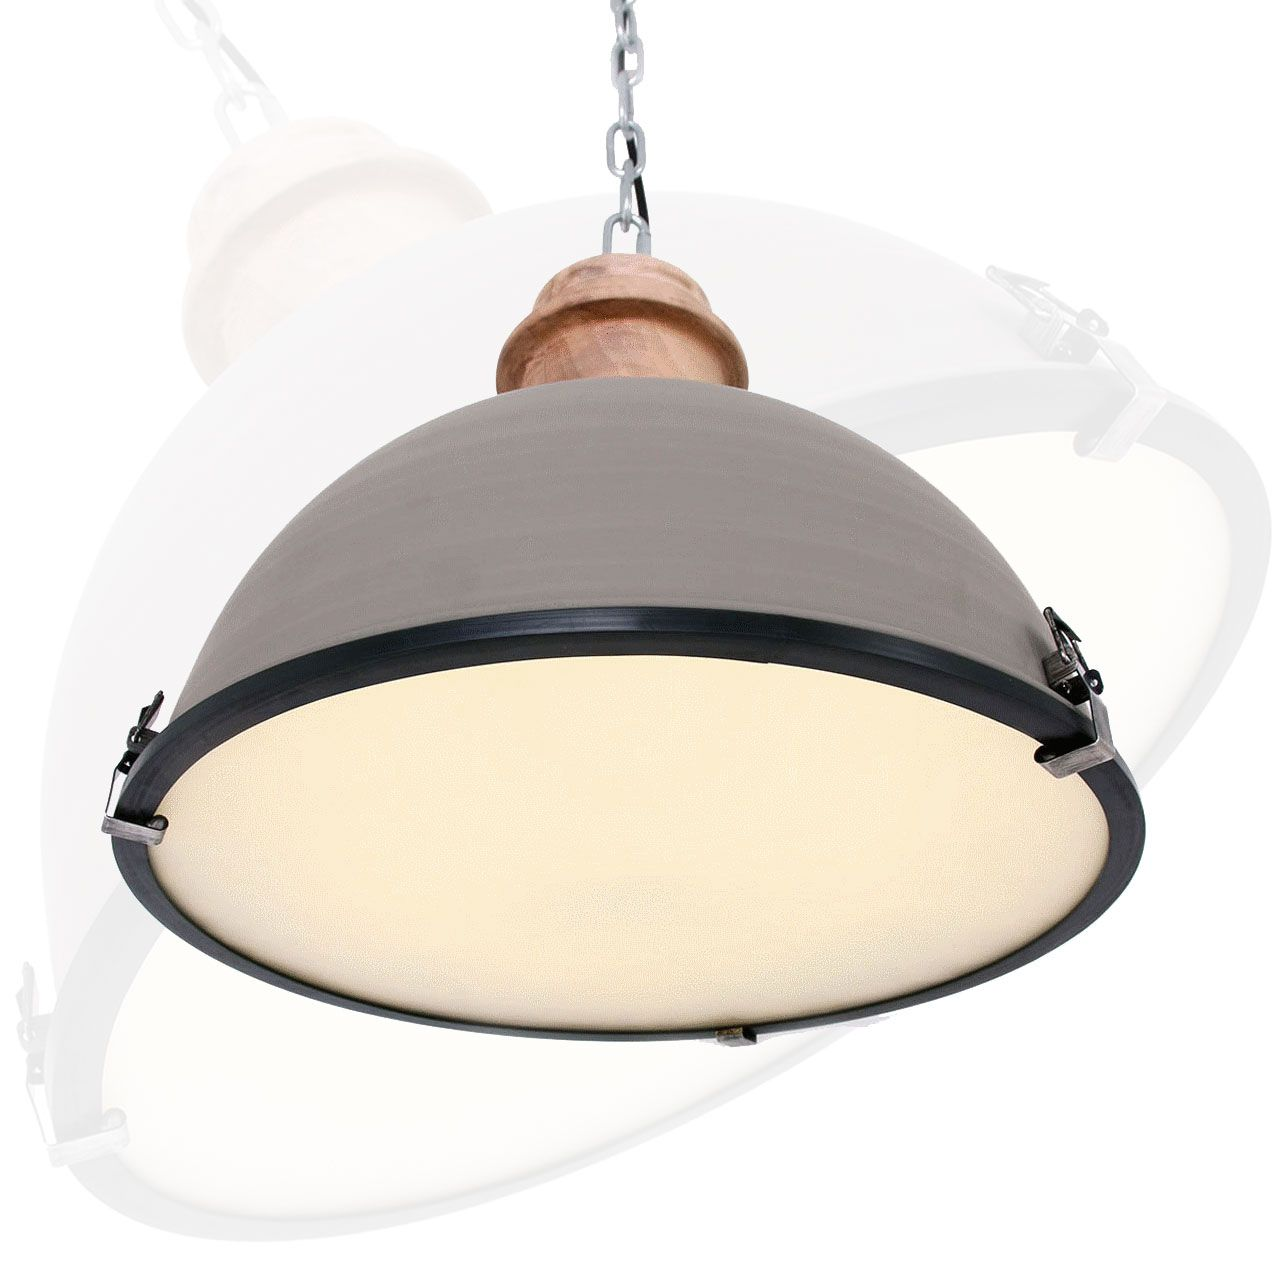 Scandinavisch industriële hanglamp Bikkel 1459GR LampenConcurrent.nl